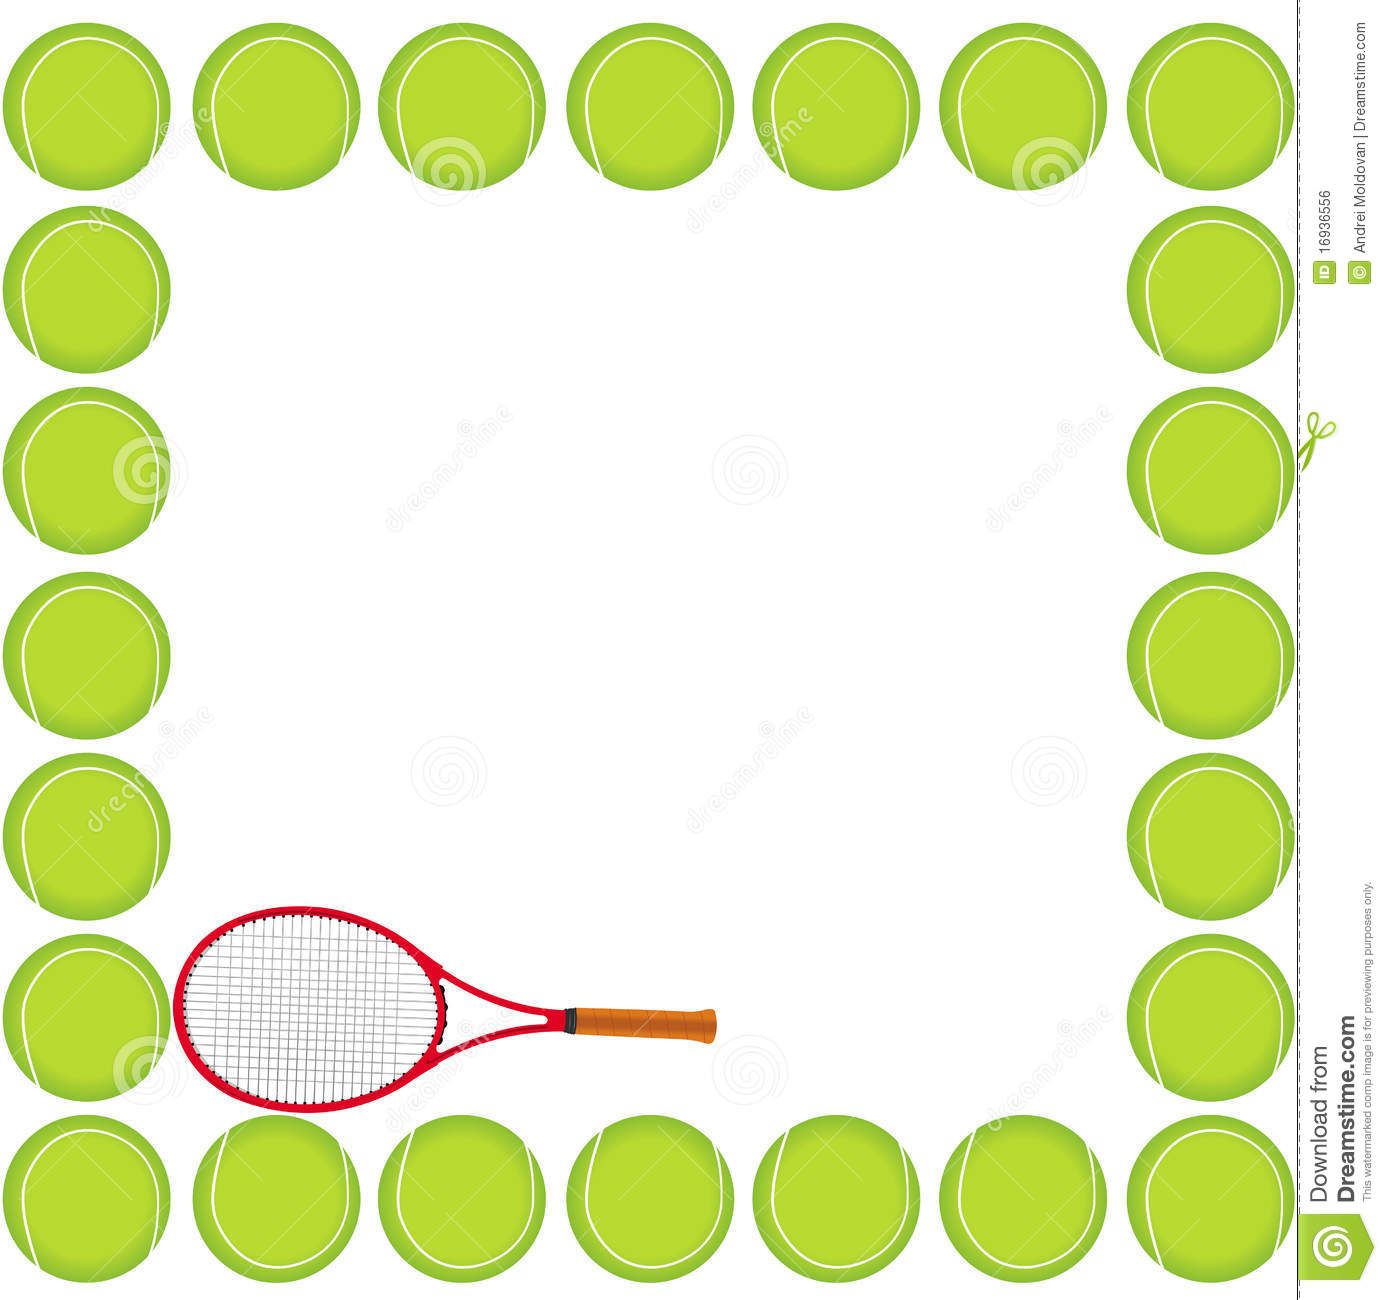 1387x1300 Tennis Ball Clipart Border